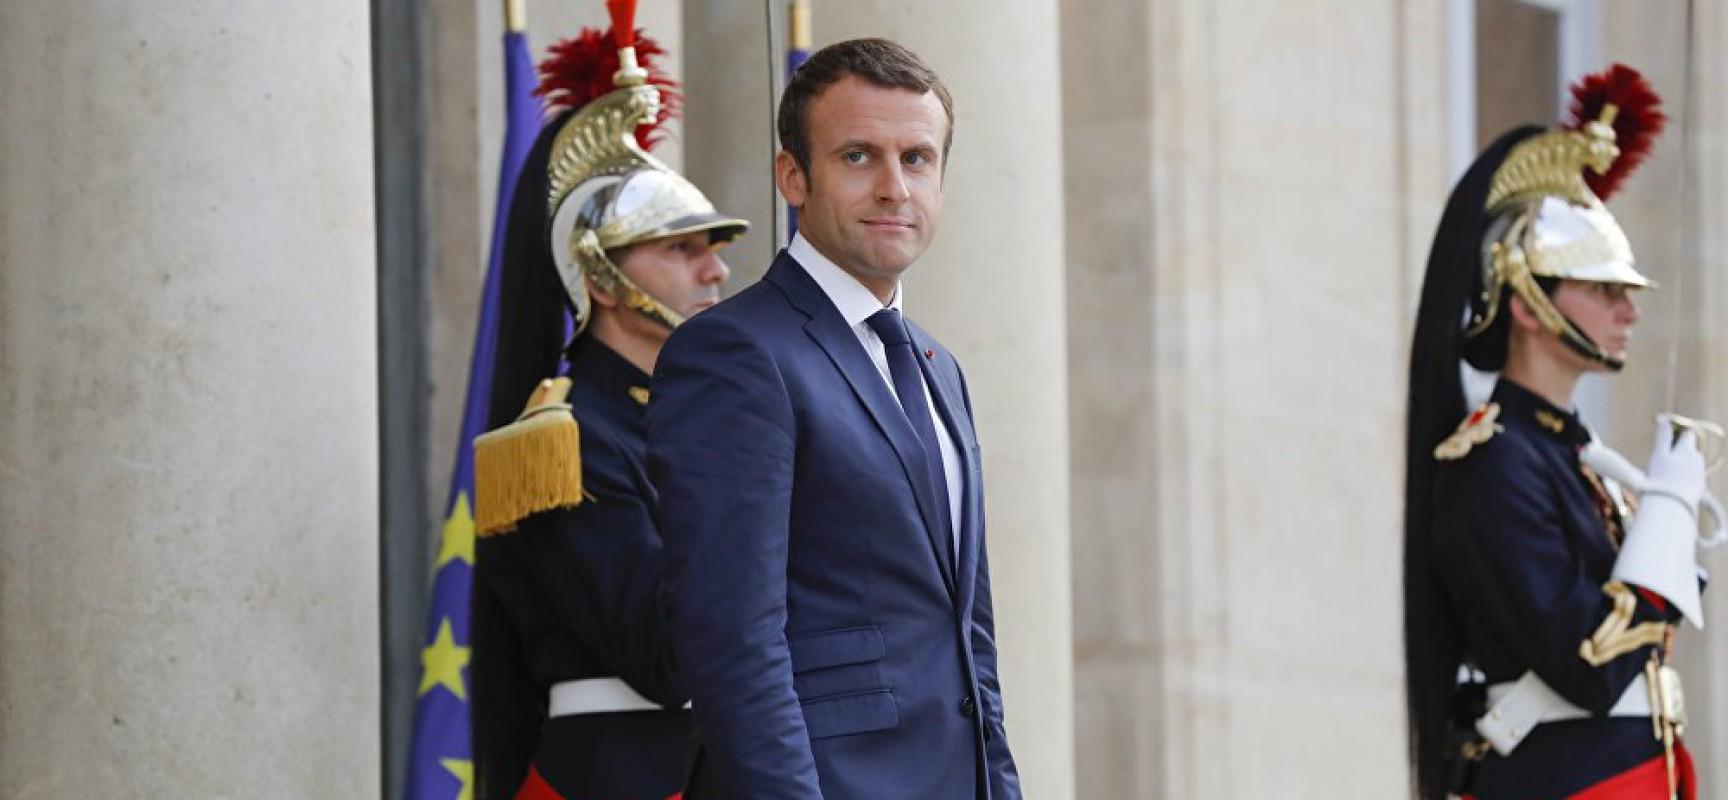 L'échec de la stratégie d'Emmanuel Macron